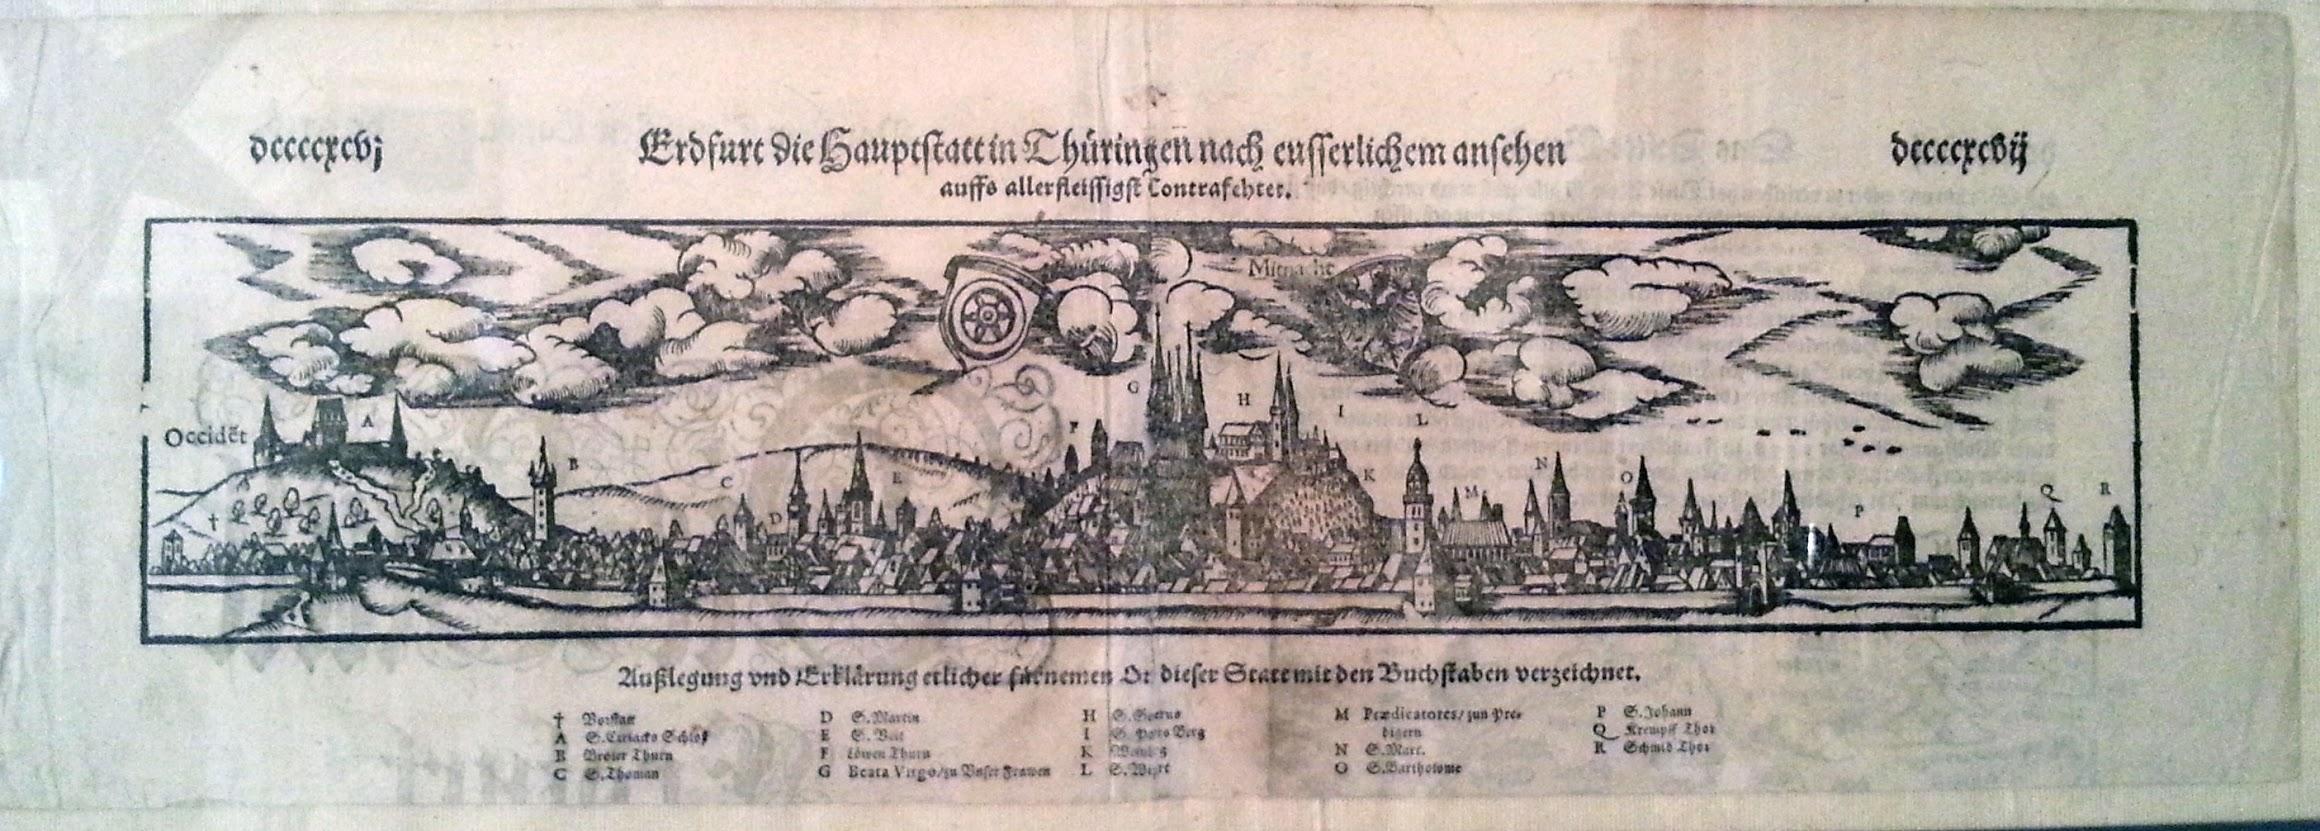 Erdfurt - die Hauptstadt in Thüringen nach eusserlichem ansehen auffs aller fleissigst Contrafehet - 1548